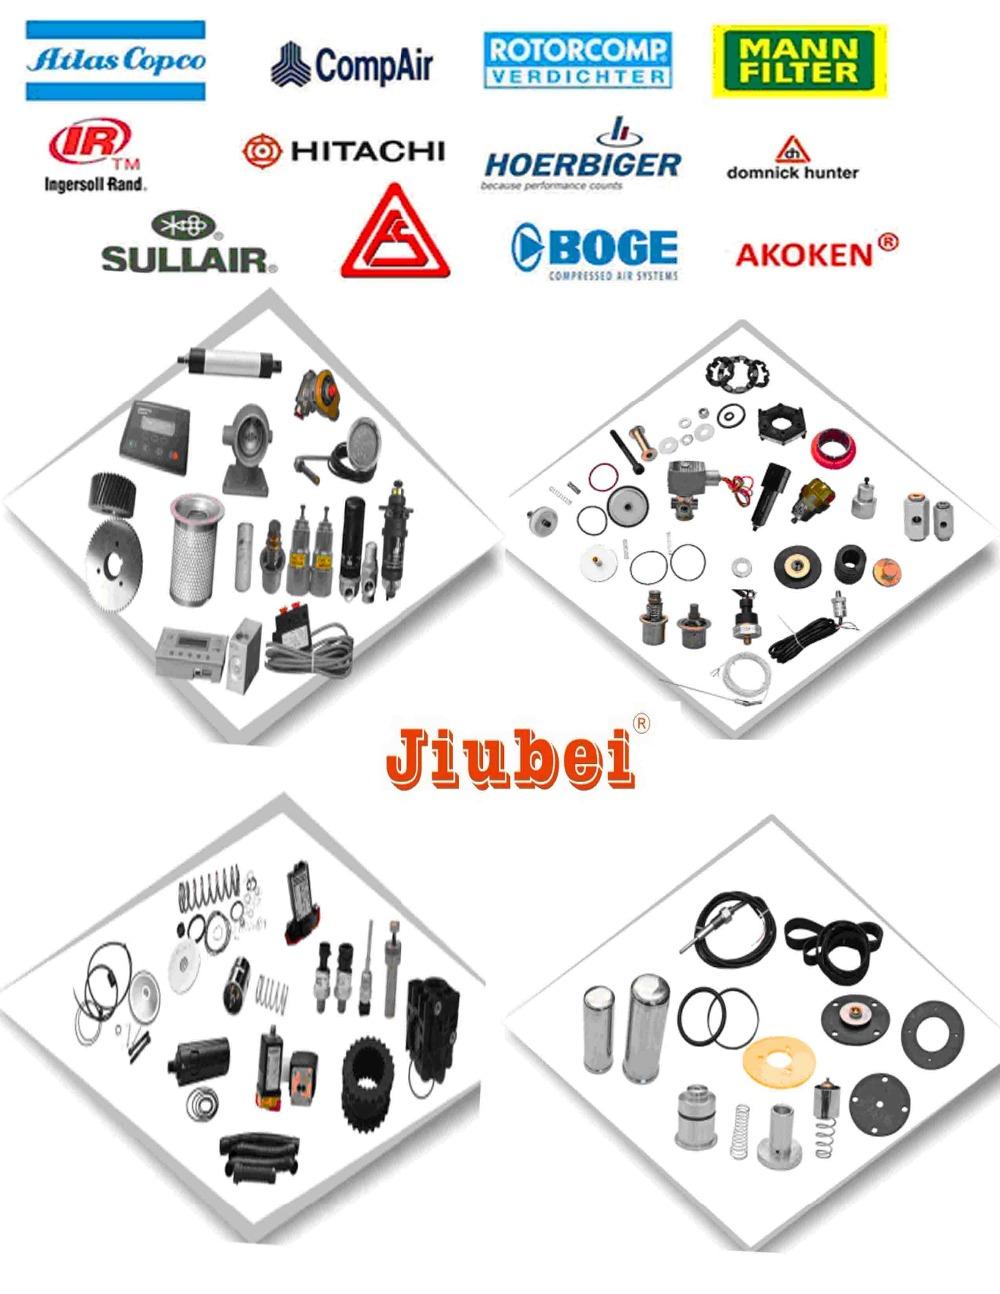 Air Compressor Filter Element 1617704101 Atlas Copco Prefilter ...